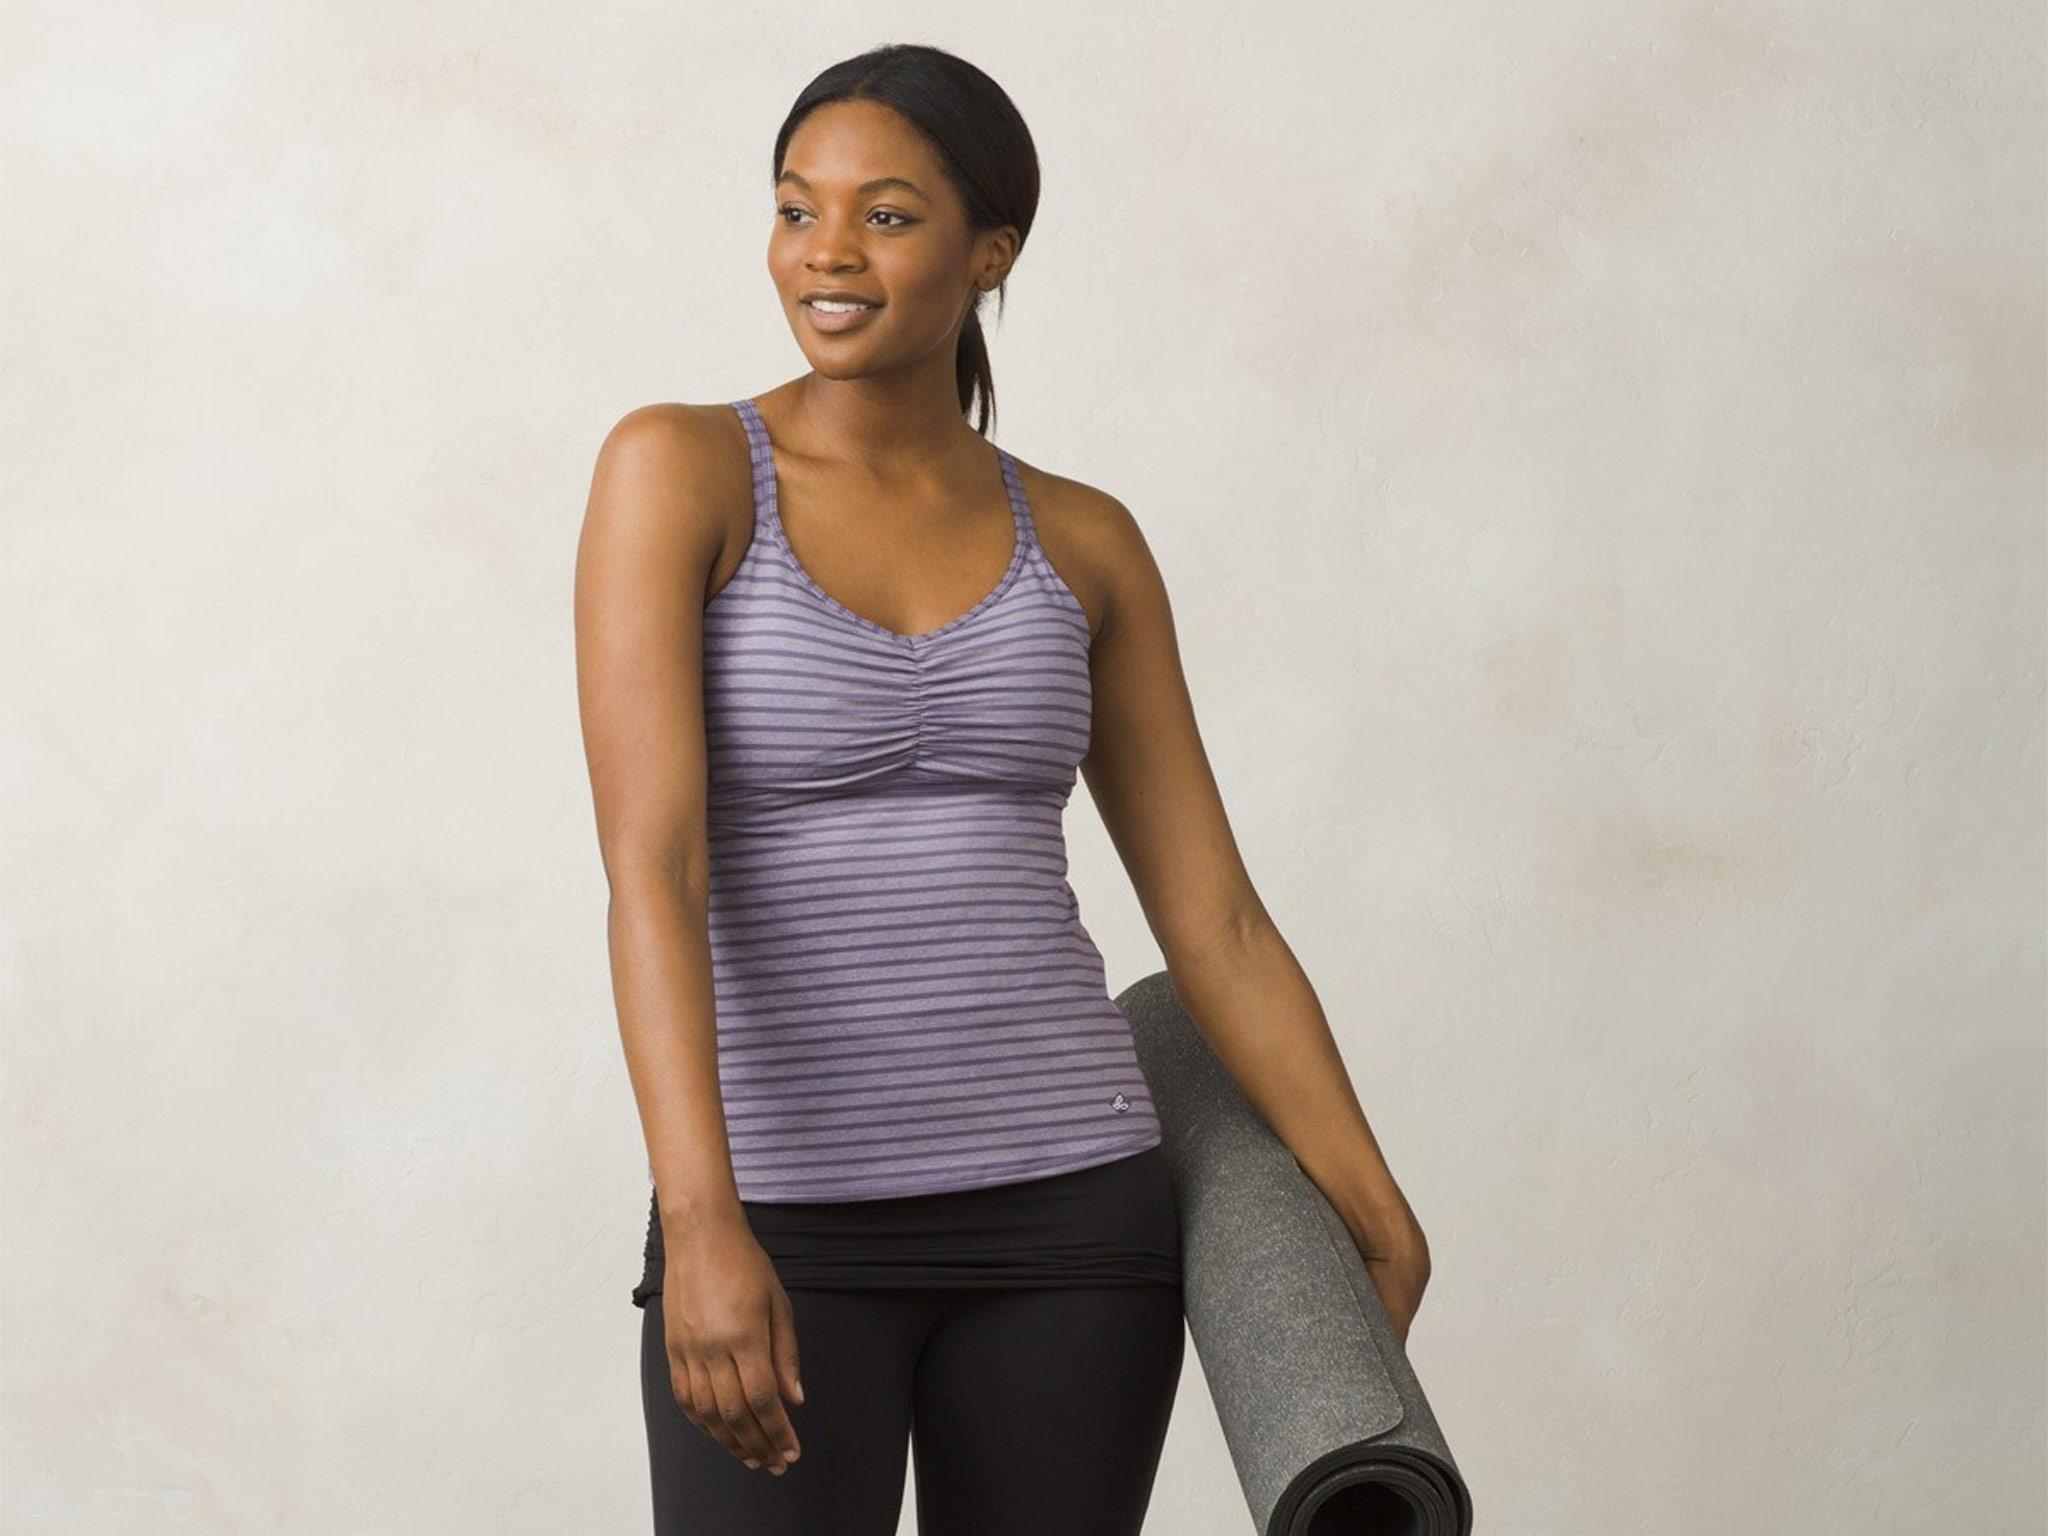 b8692fed84547 9 best yoga tops for women